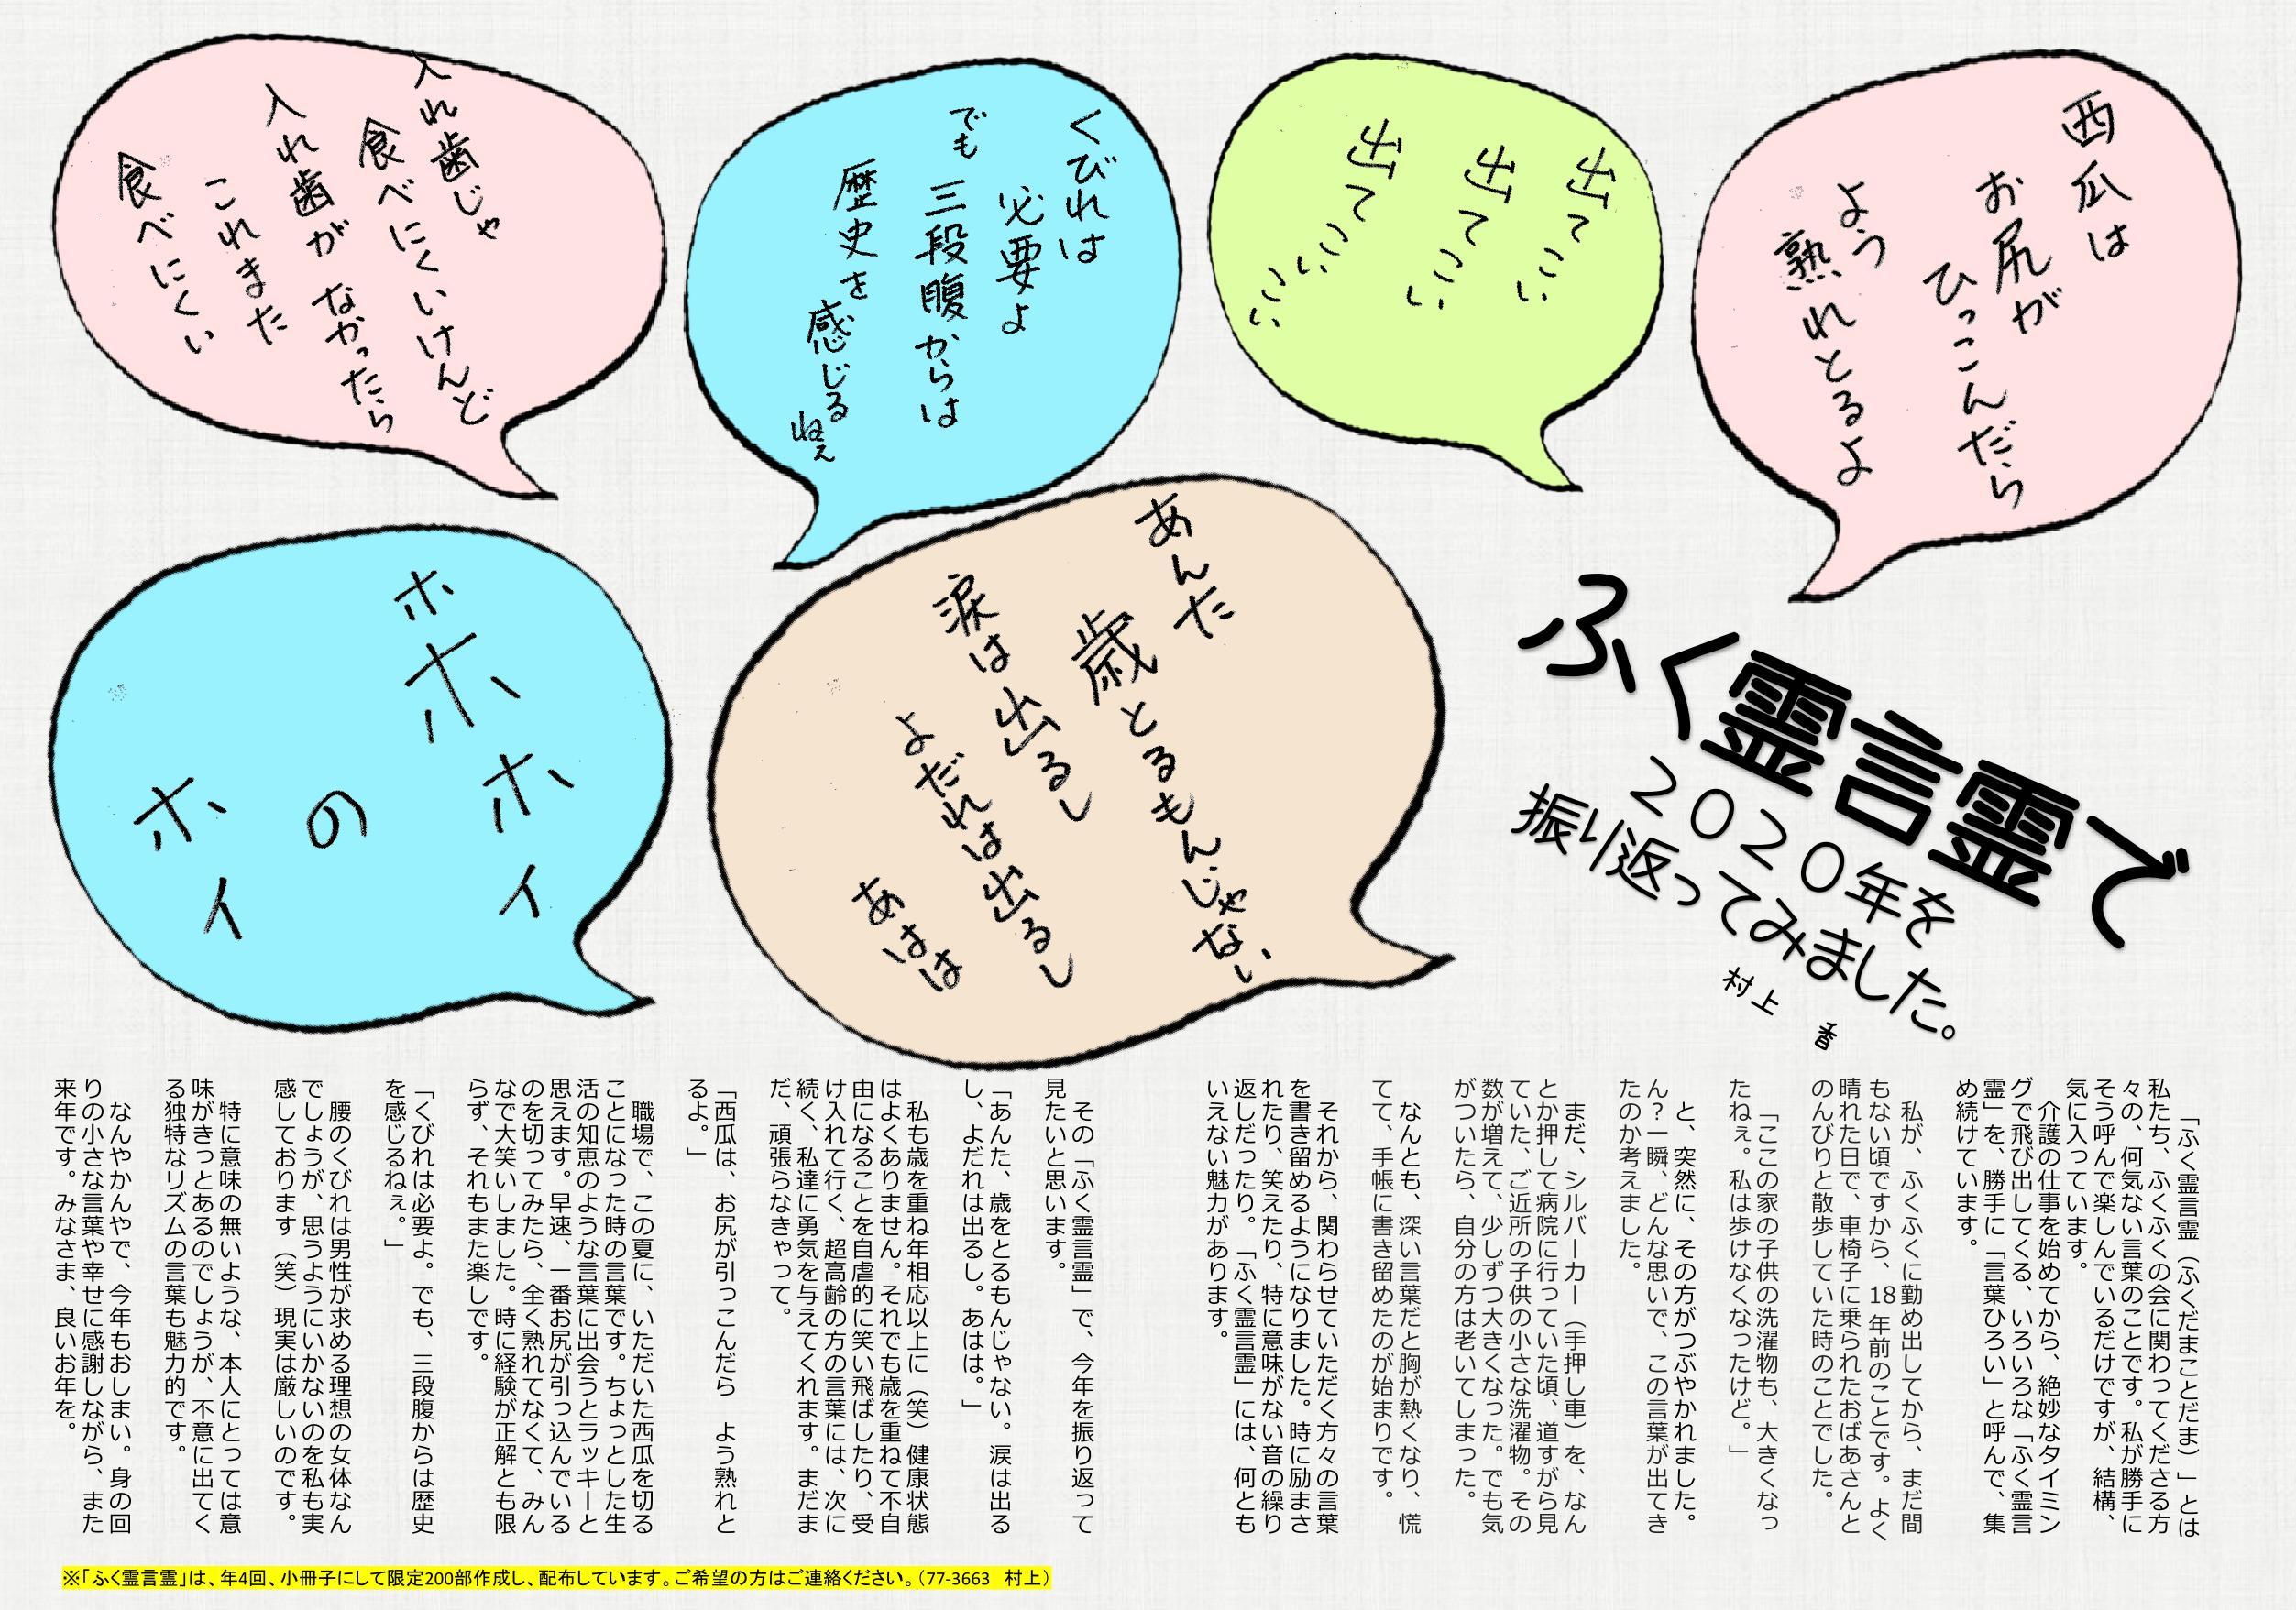 http://fukufukunokai.com/newsletter/images/12%E6%9C%88%E5%8F%B7_cropped_2222.jpeg